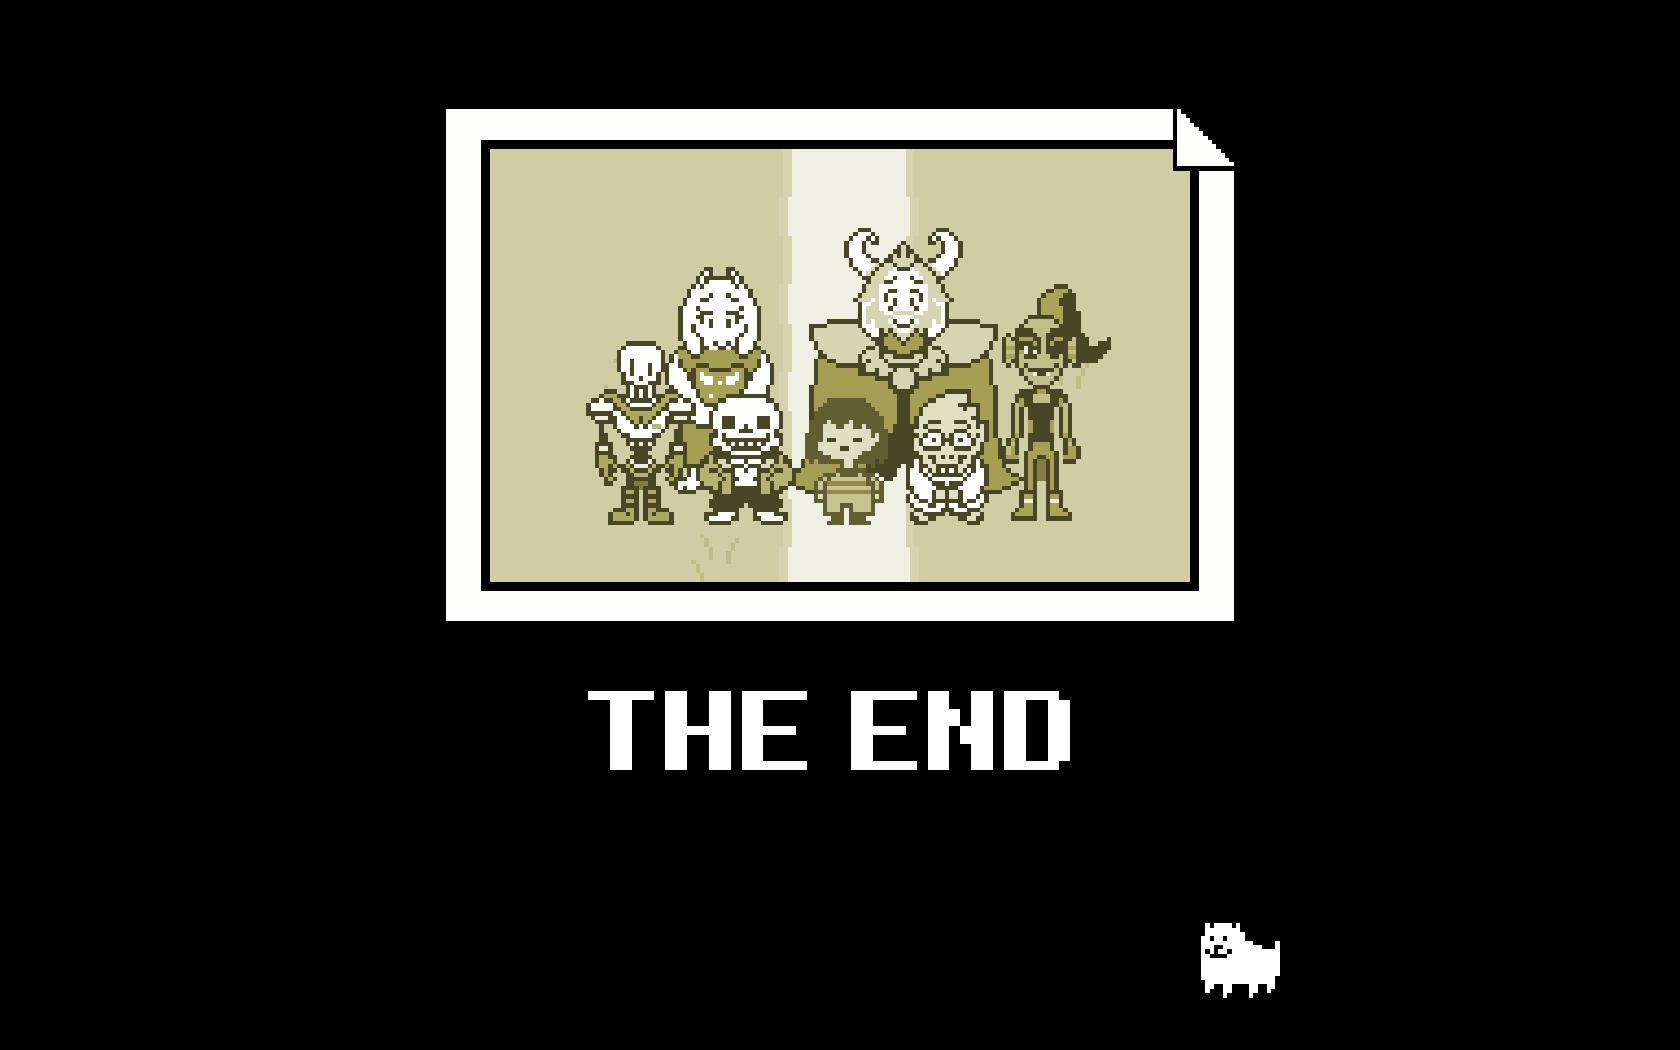 """Imagem do jogo indie Undertale, que mostra uma foto com Asgore, Undyne, Toriel, Sans, Alphys, Papyrus e Frisk. Abaixo da foto, é possível ler os dizeres """"The end"""". Abaxo disso está Annoying Dog, personagem inspirado em Toby Fox."""